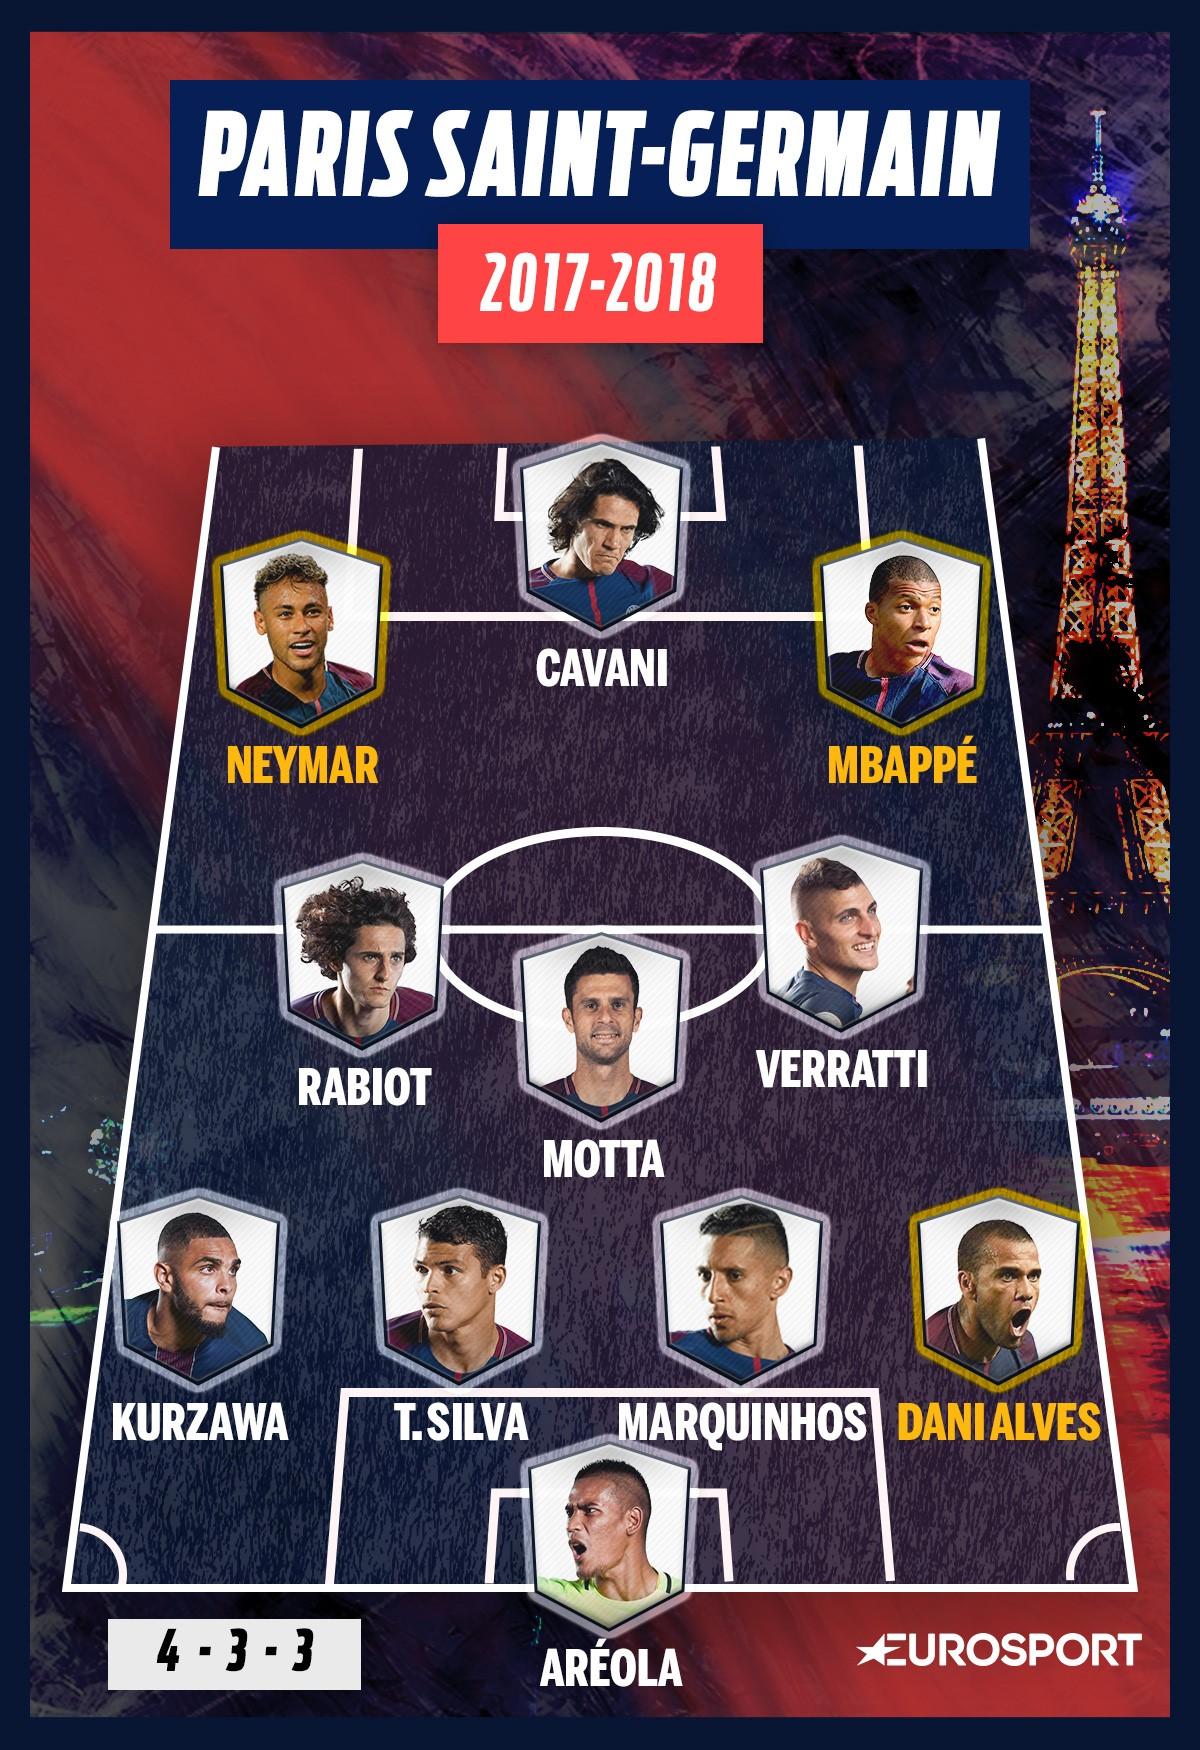 La compo probable du PSG avec Mbappé